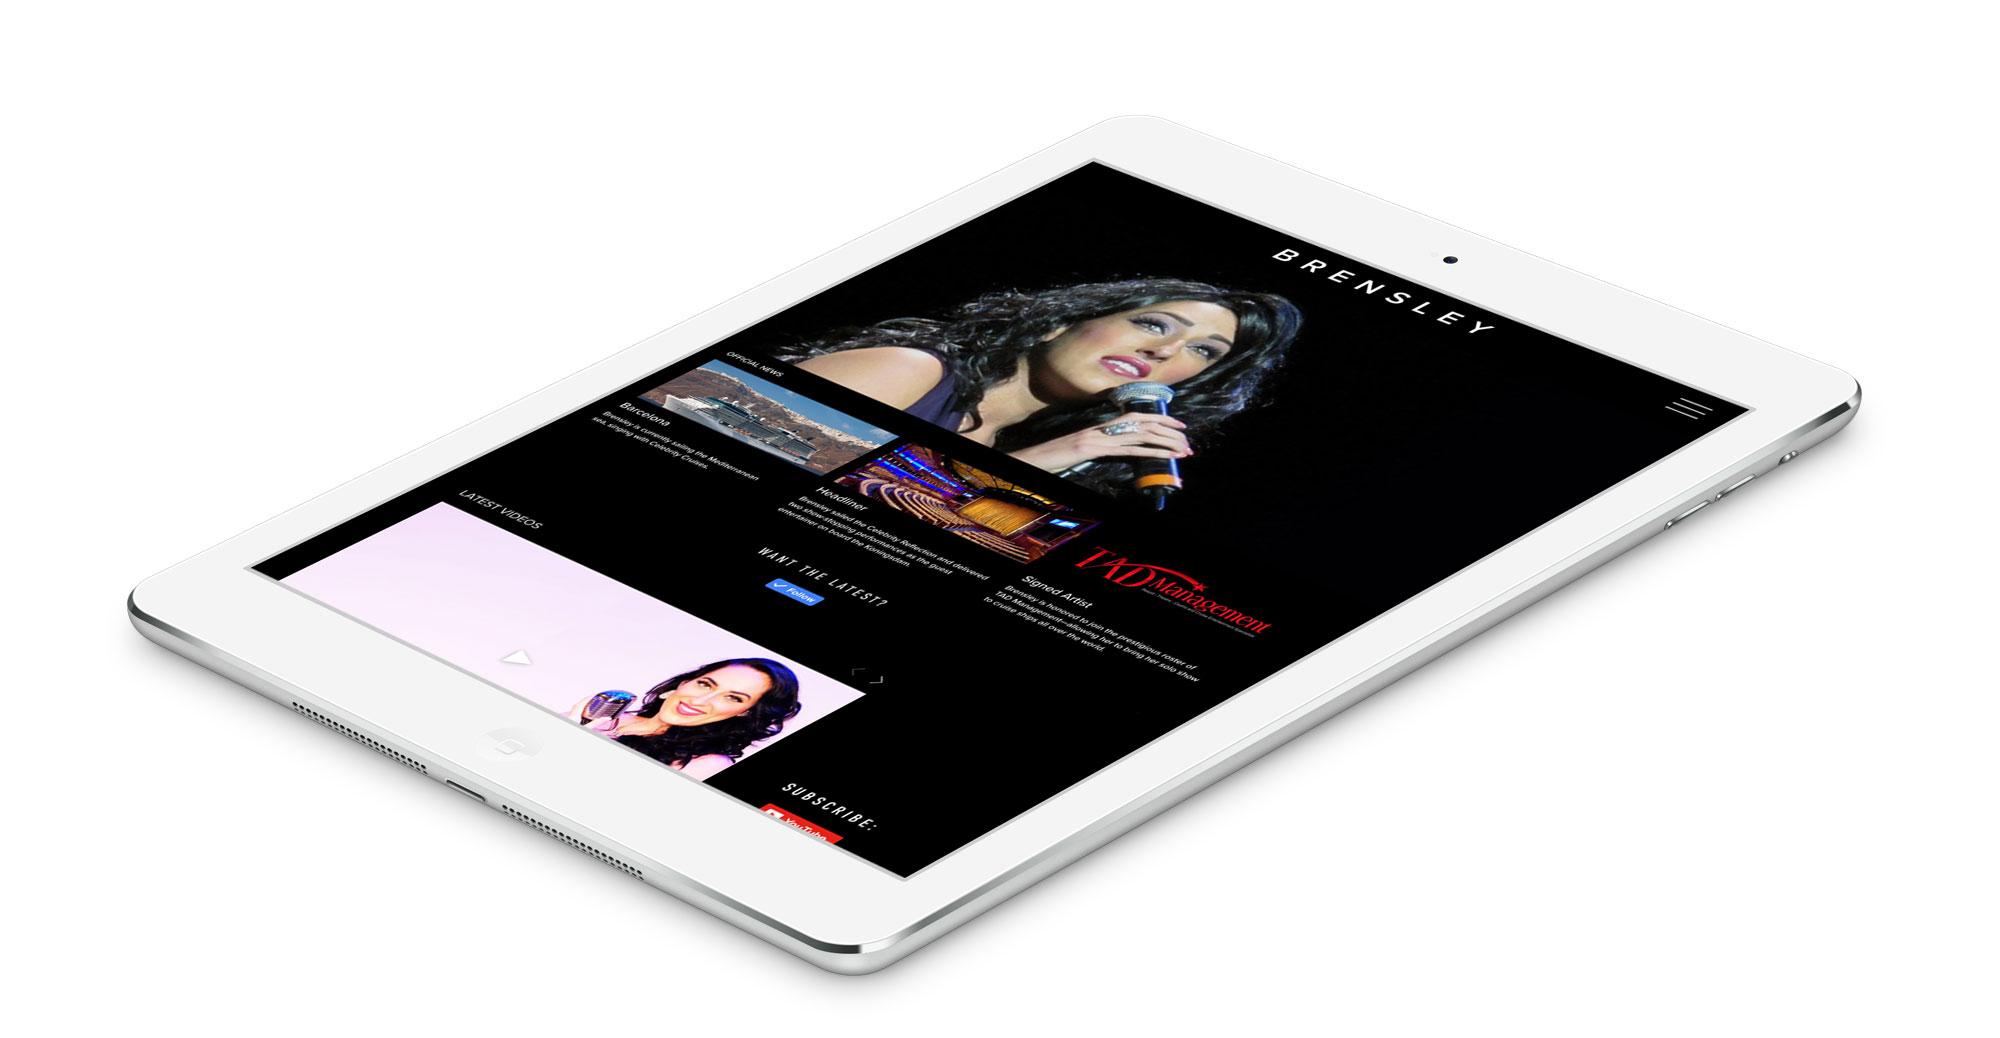 Brensley_iPad.jpg